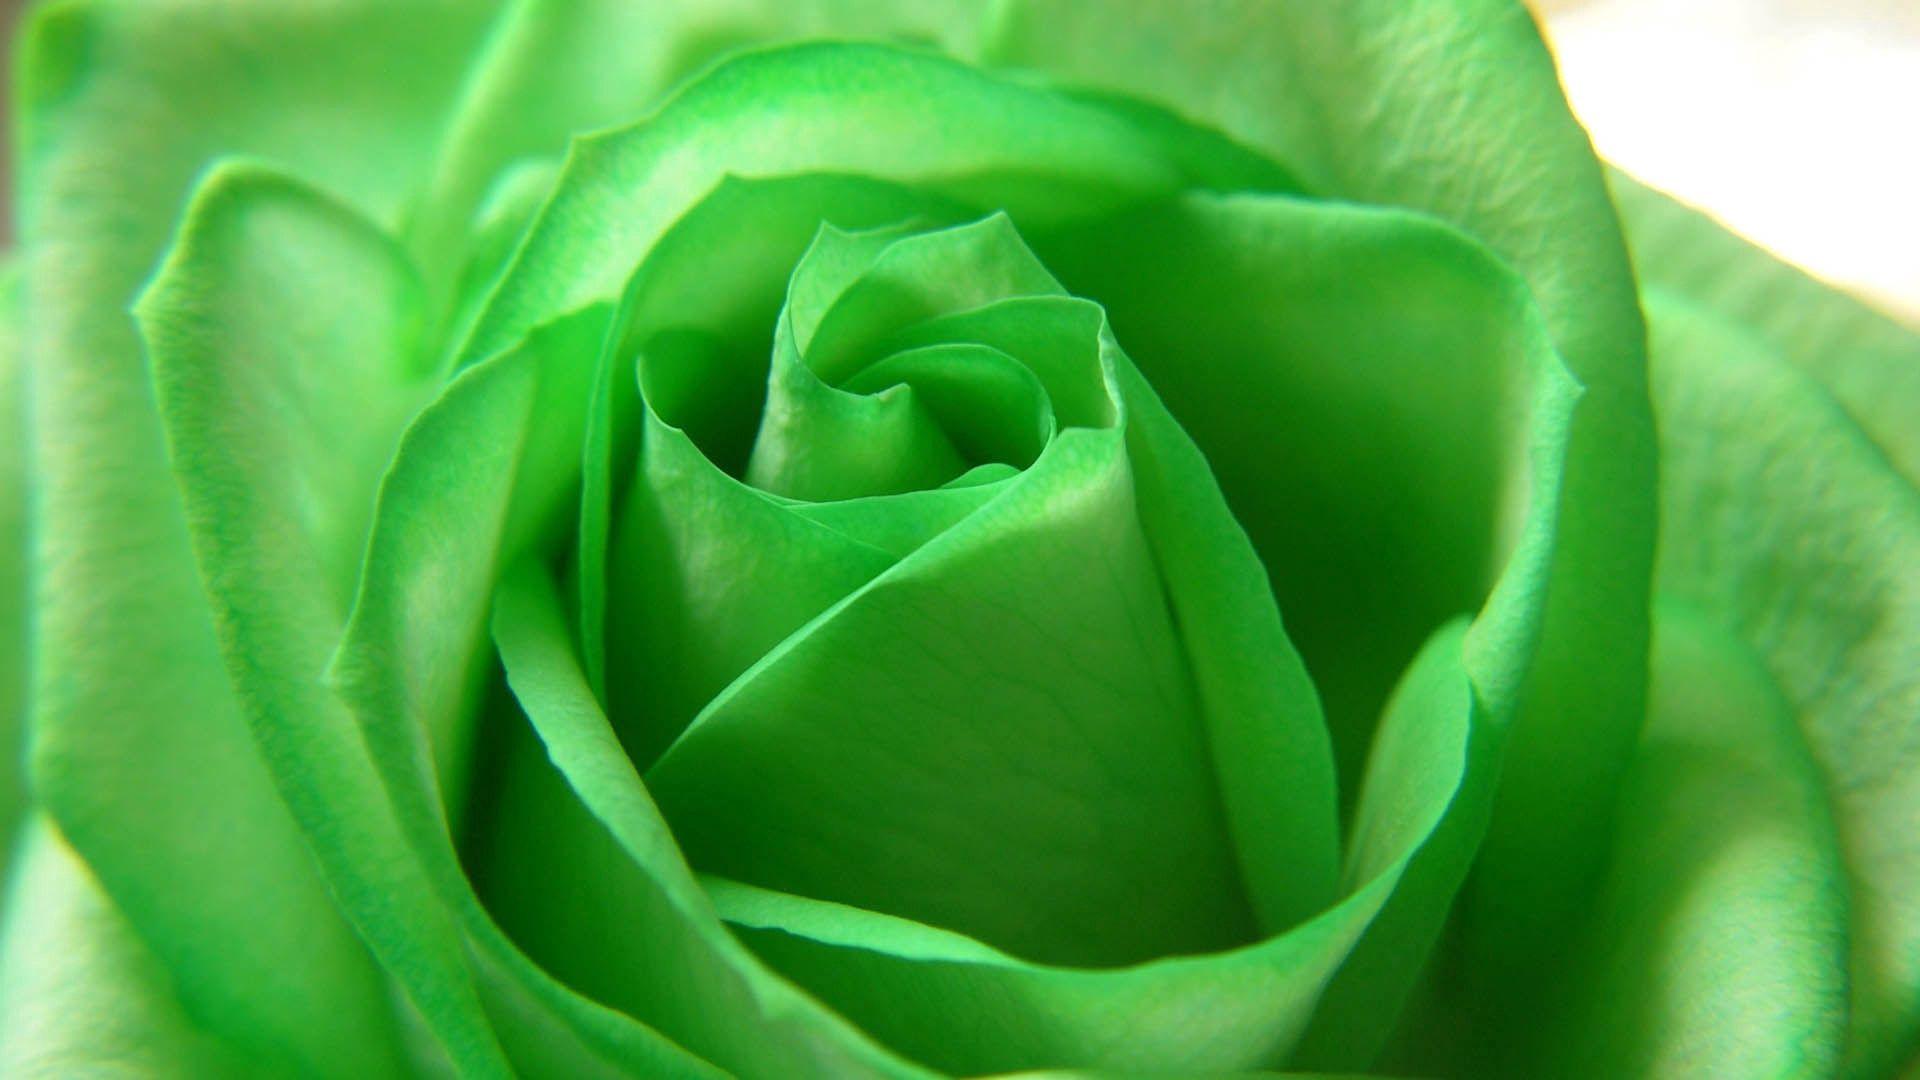 90734 Lade kostenlos Grün Hintergrundbilder für dein Handy herunter, Makro, Rose, Blütenblätter Grün Bilder und Bildschirmschoner für dein Handy